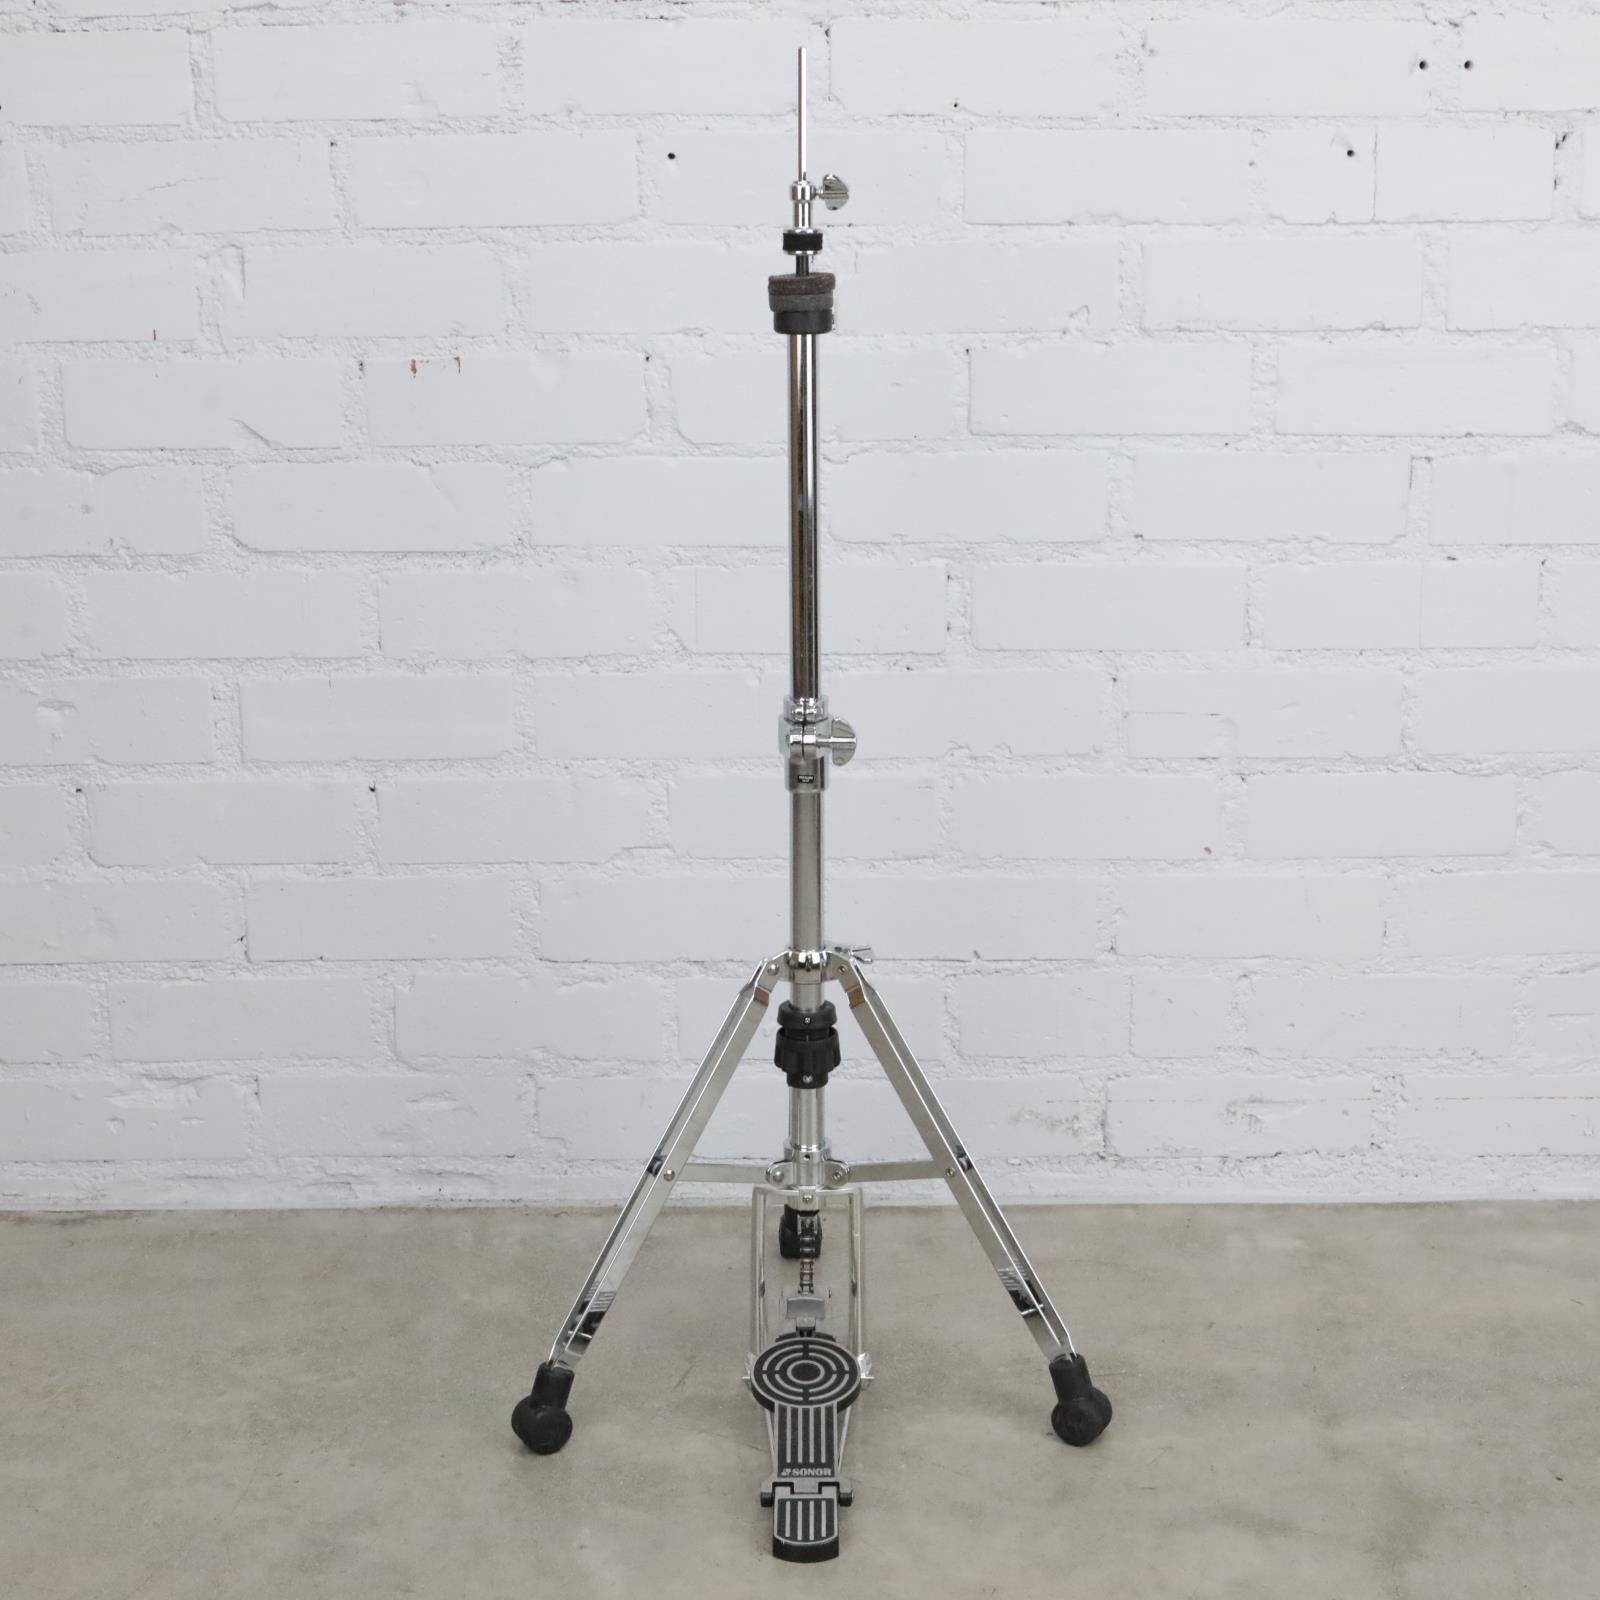 Sonor Drum Hardware 400 Series Hi-Hat Stand #41131